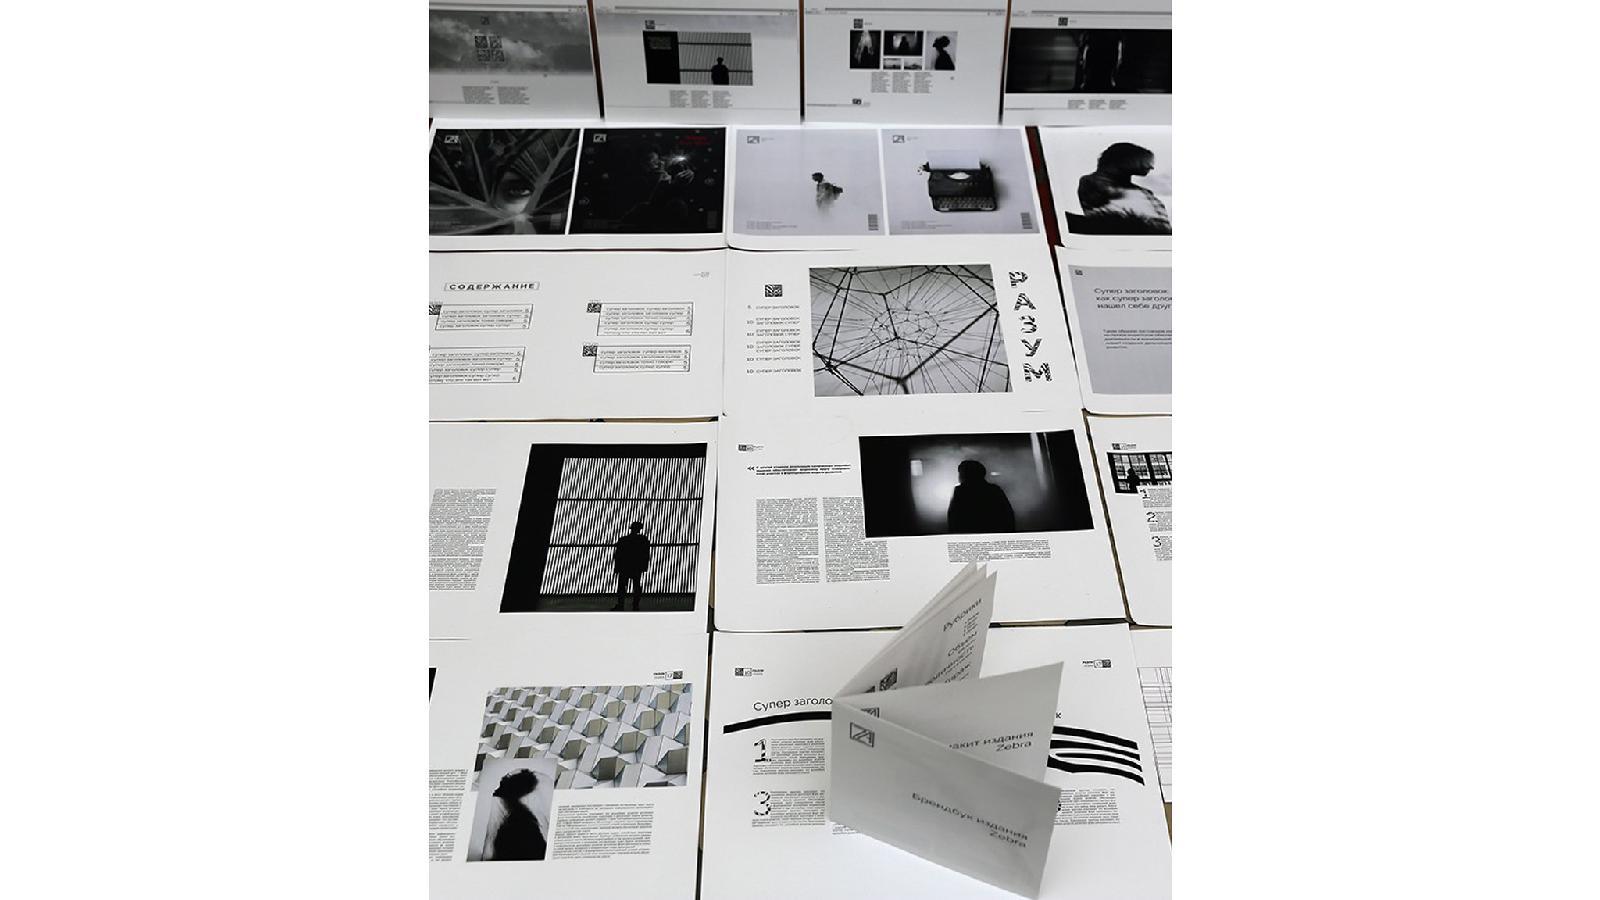 Так представляют итоговые проекты повсем предметам семестра: наобщем просмотре работ встречаются студенты ипреподаватели модуля «Дизайн СМИ». Проект журнала Zebra Марии Уваровой покурсу «Медиадизайн»